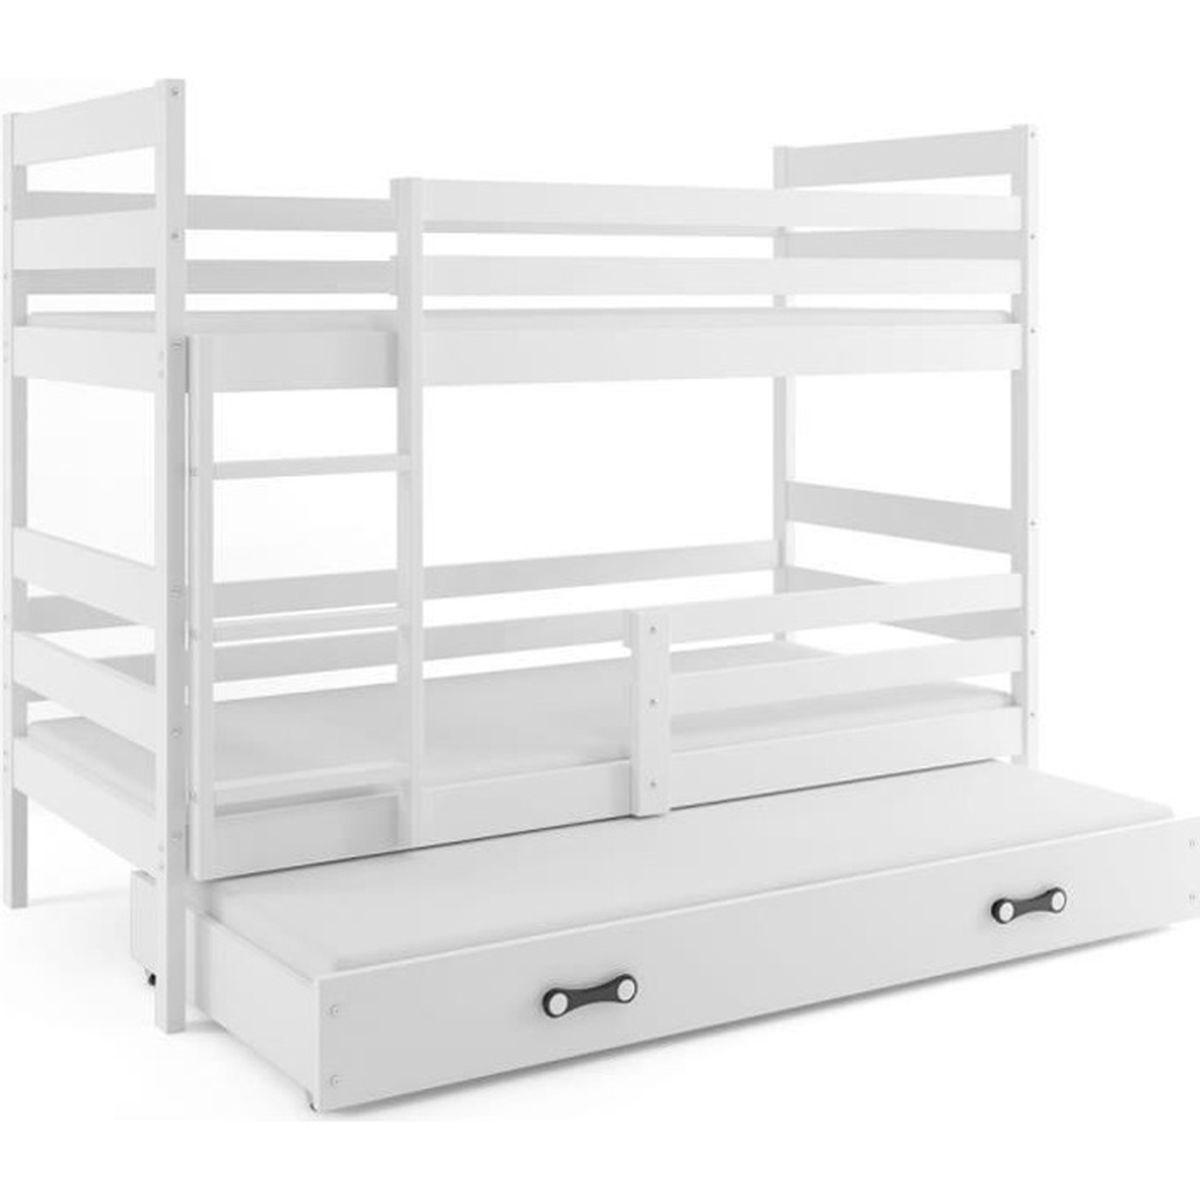 Lit Superposé 3 Étages lit superposé 3 places eryk 160x80 blanc + blanc livré avec sommiers,  tiroir et matelas en mousse de 7cm offerts